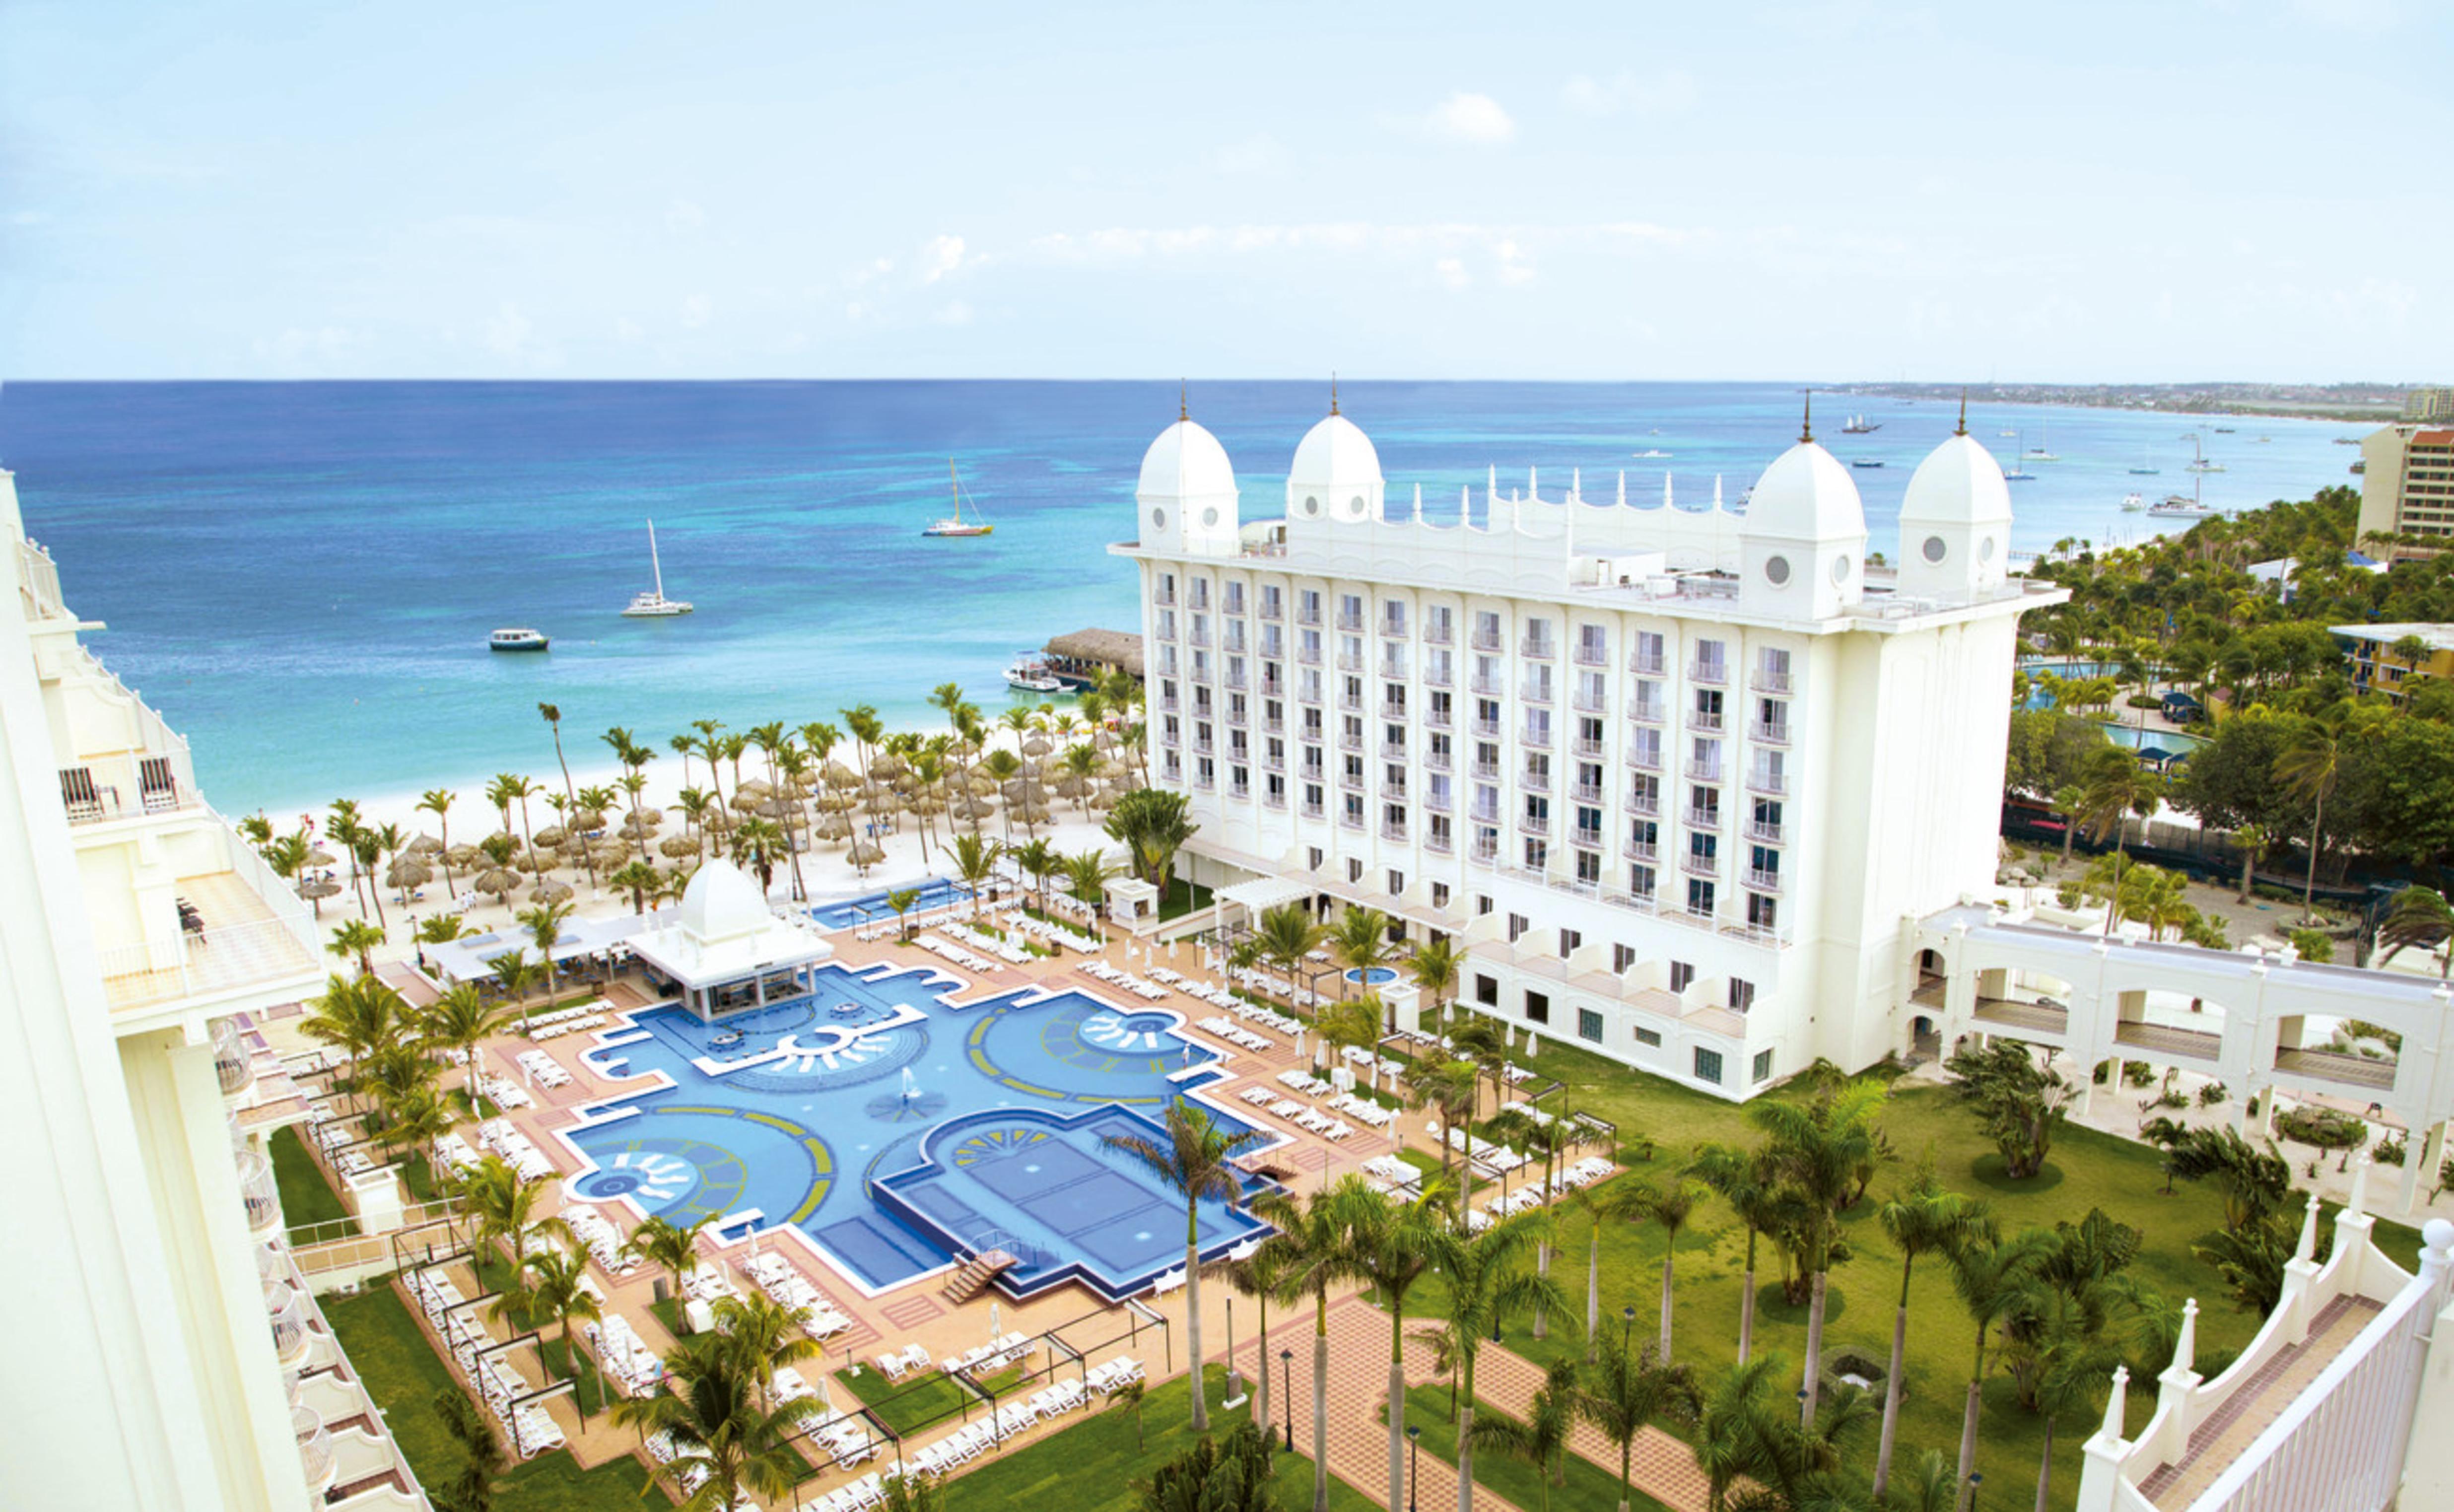 Best Hotel To Stay In Aruba